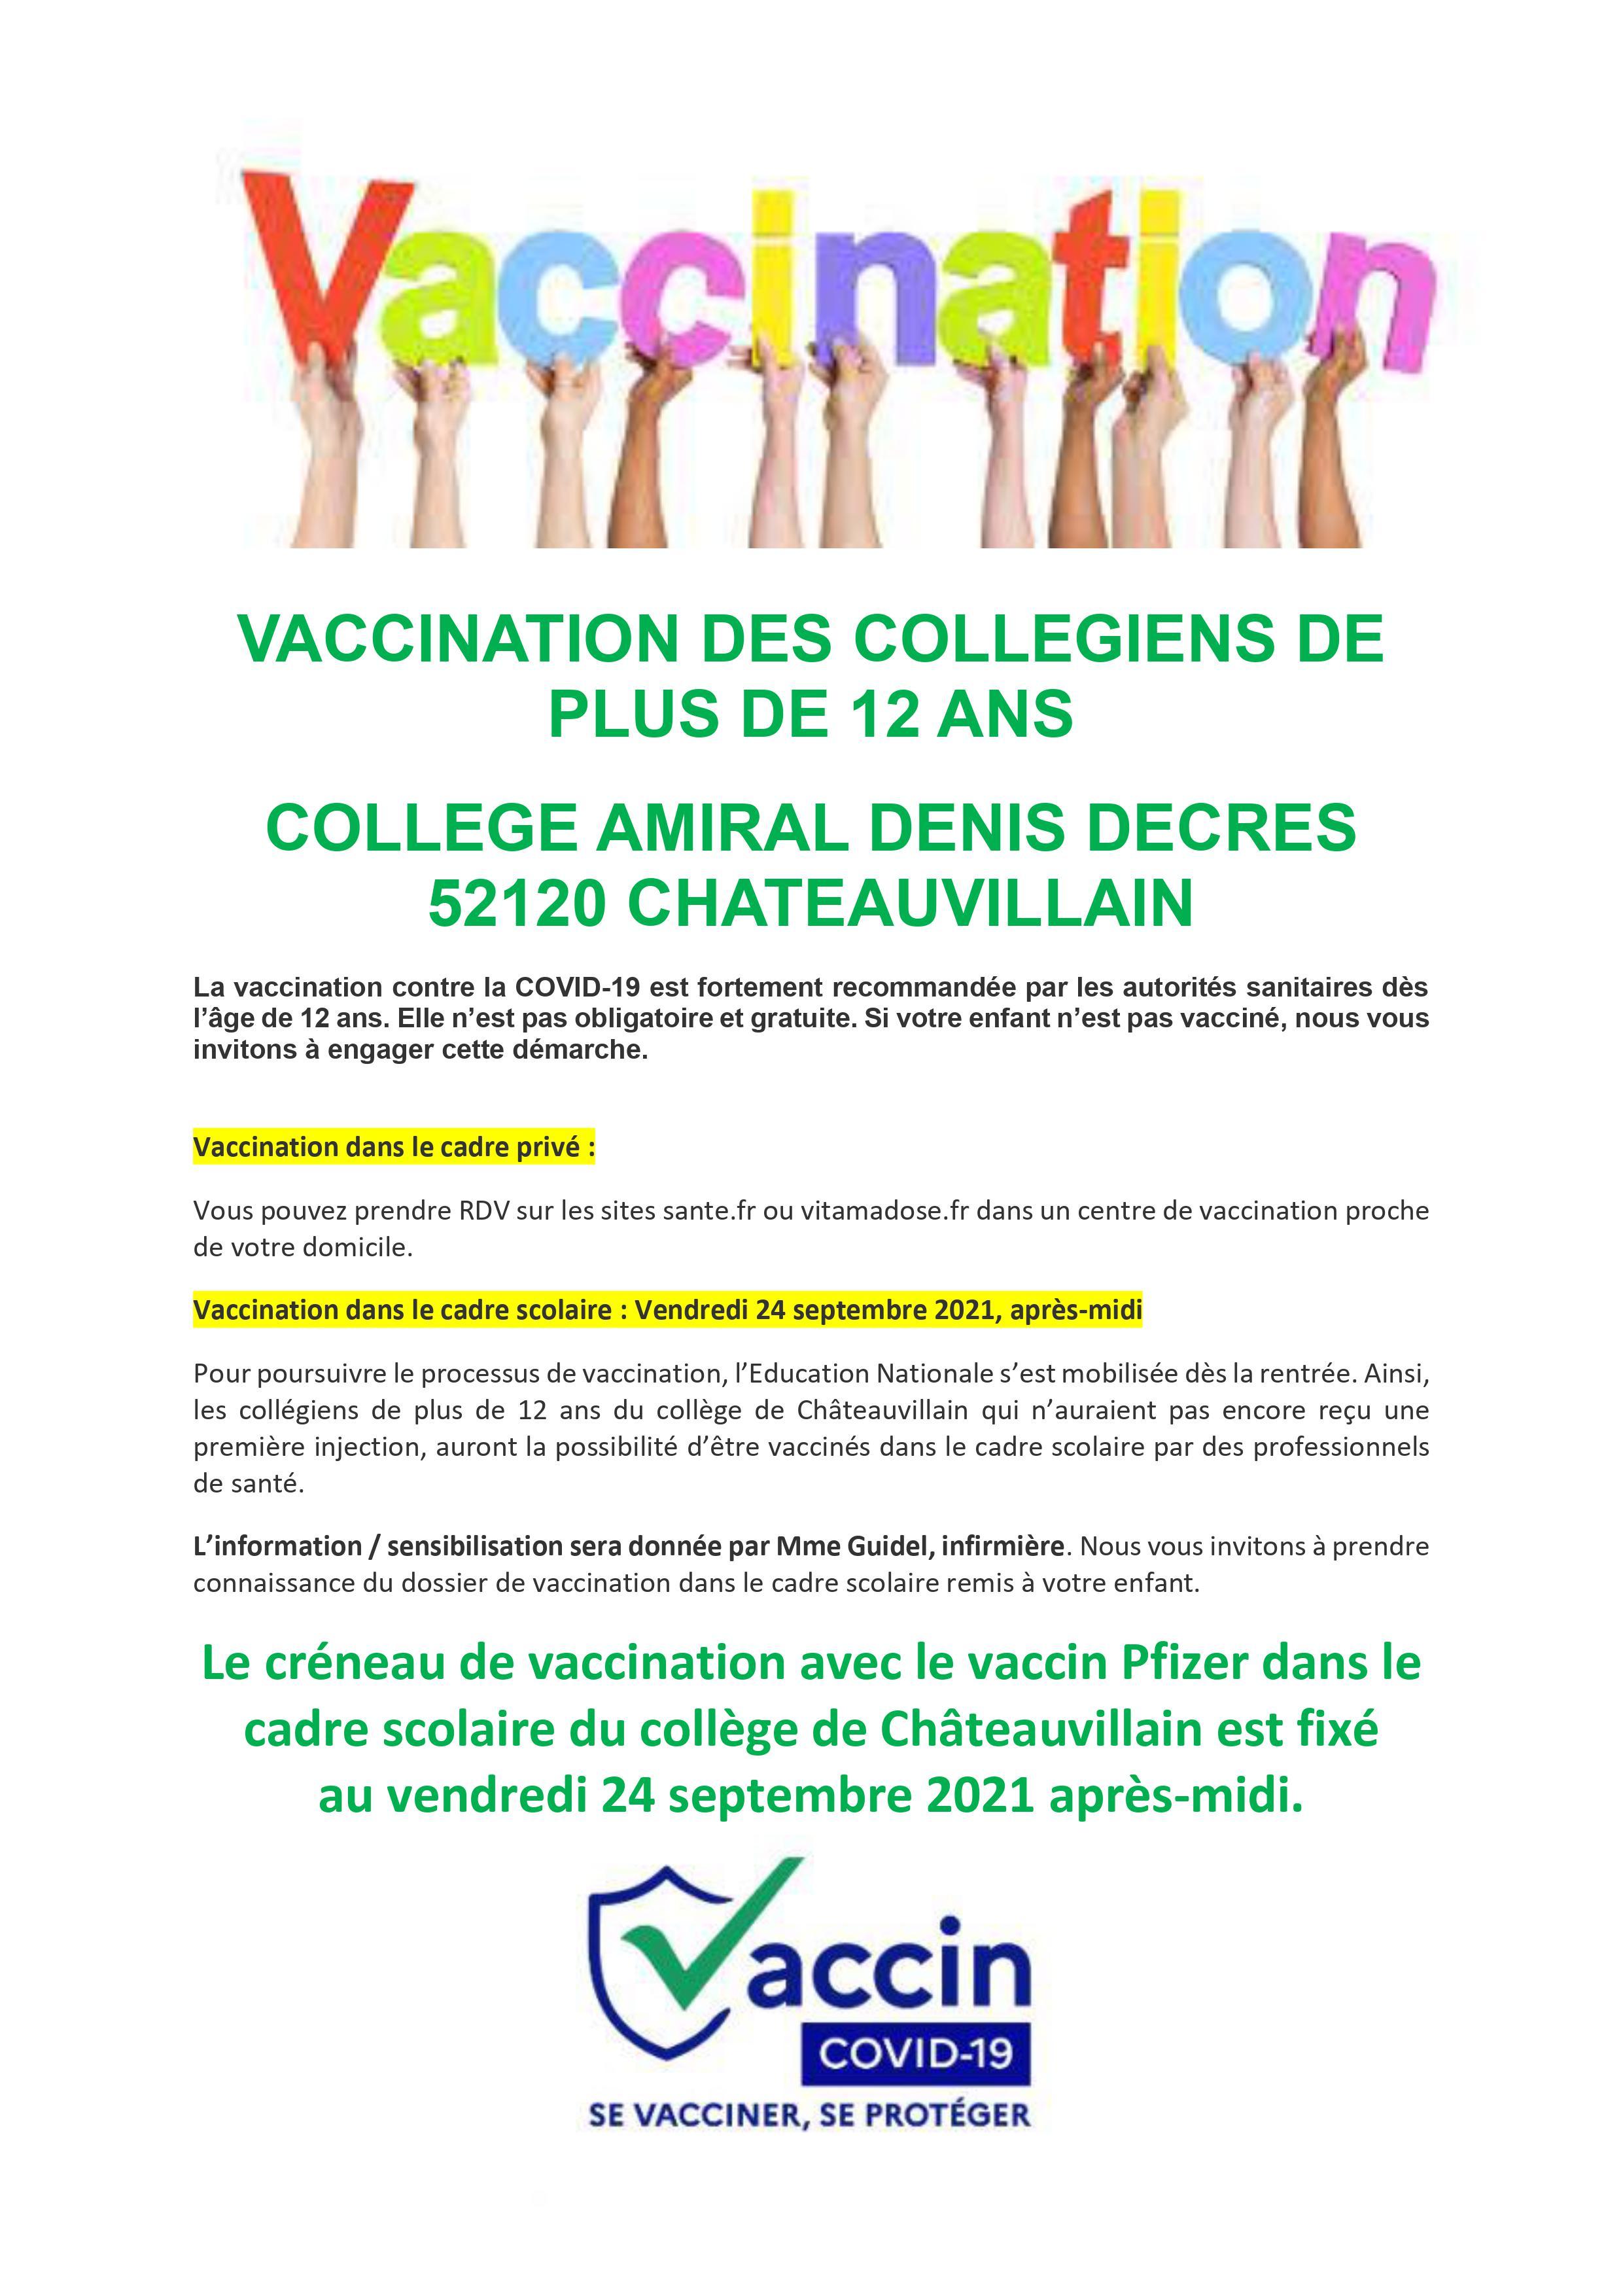 Vaccination des collégiens – Vendredi 24 septembre 2021